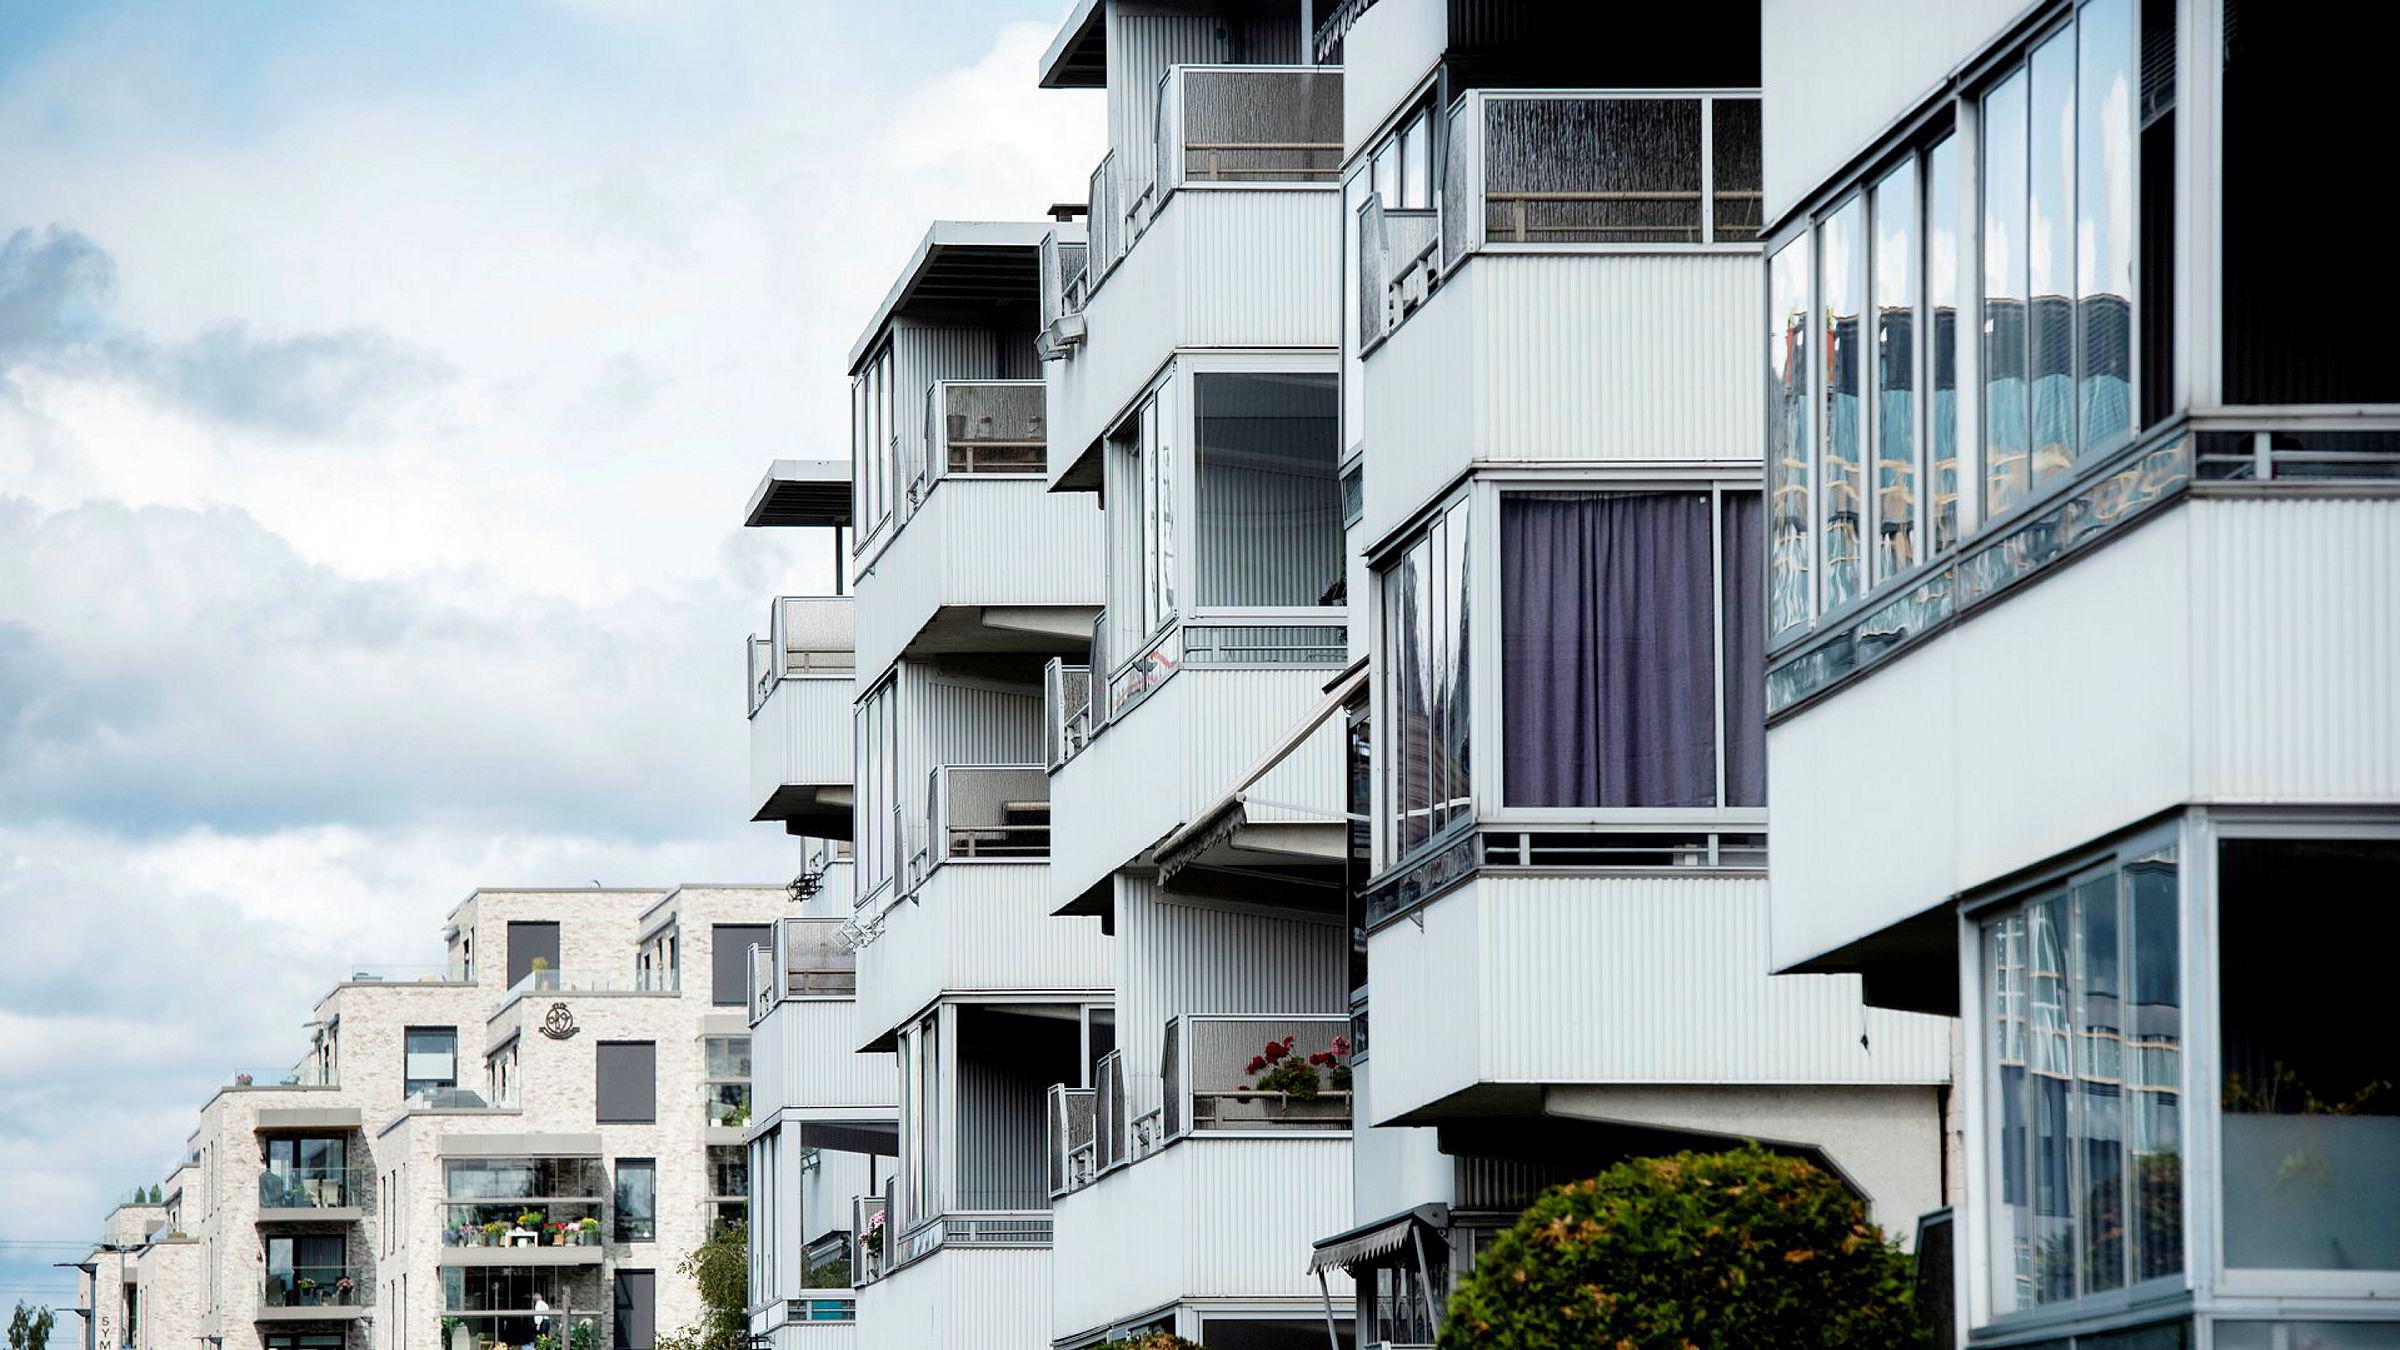 Det har blitt solgt færre nye boliger på Østlandet denne høsten sammenlignet med høsten i fjor. (Illustrasjonsfoto av leiligheter på Lambertseter i Oslo.)